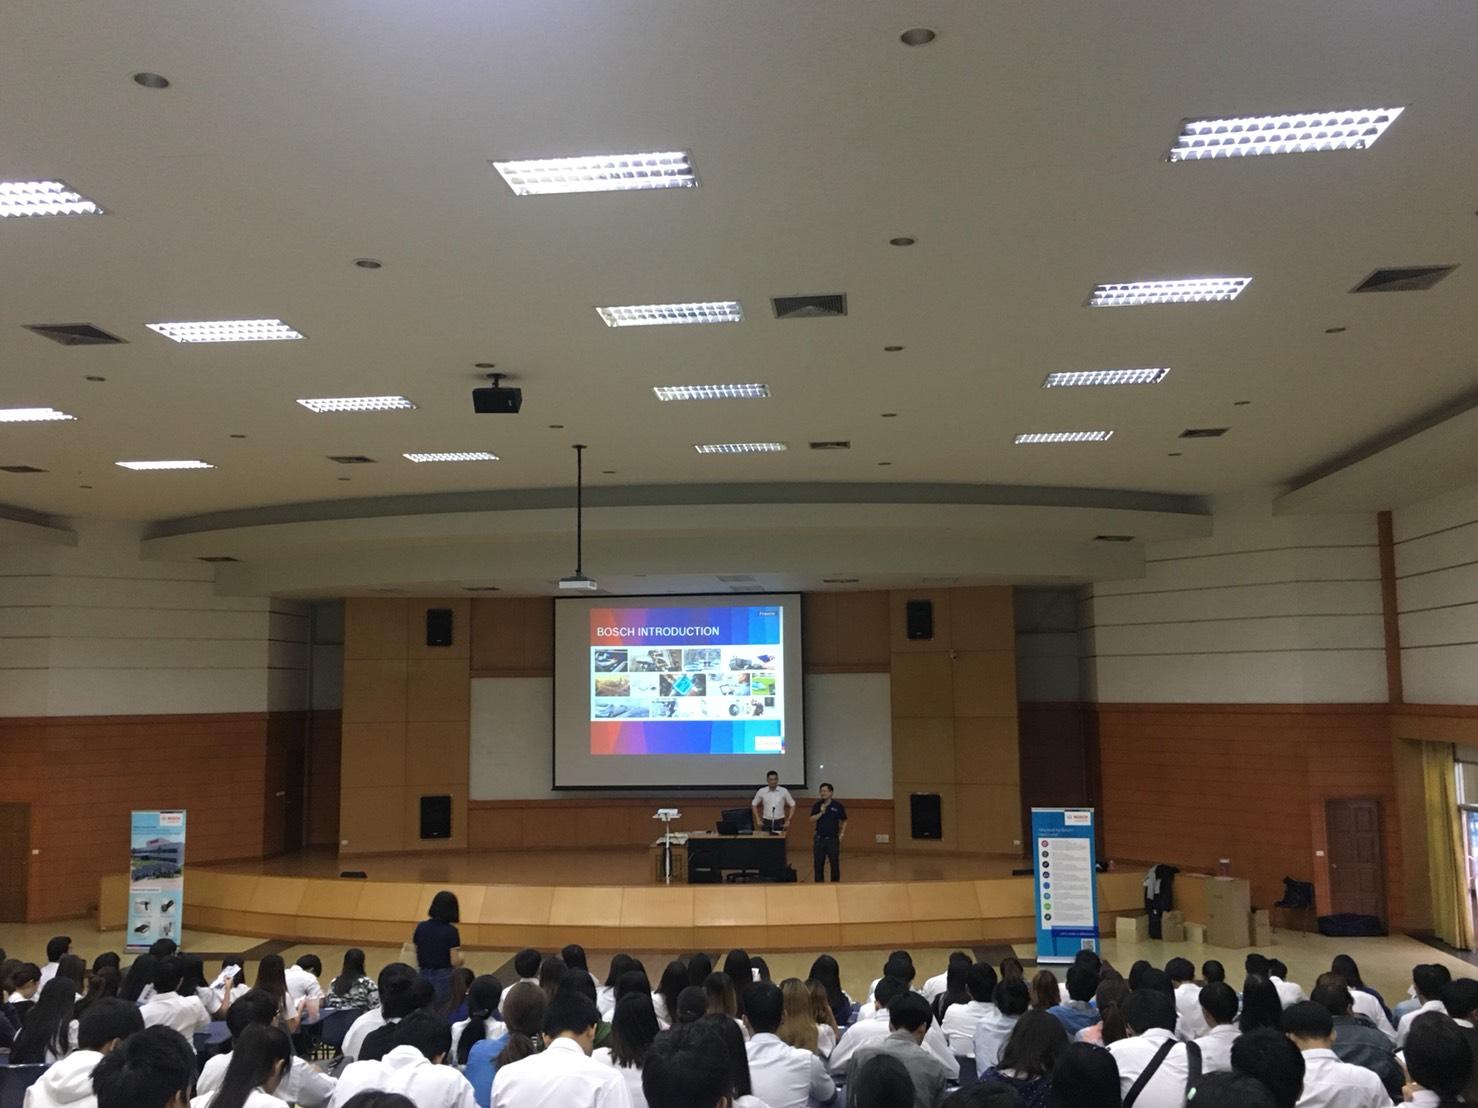 บริษัท บ๊อช ออโตโมทีฟ (ประเทศไทย) จํากัด เข้าบรรยาย